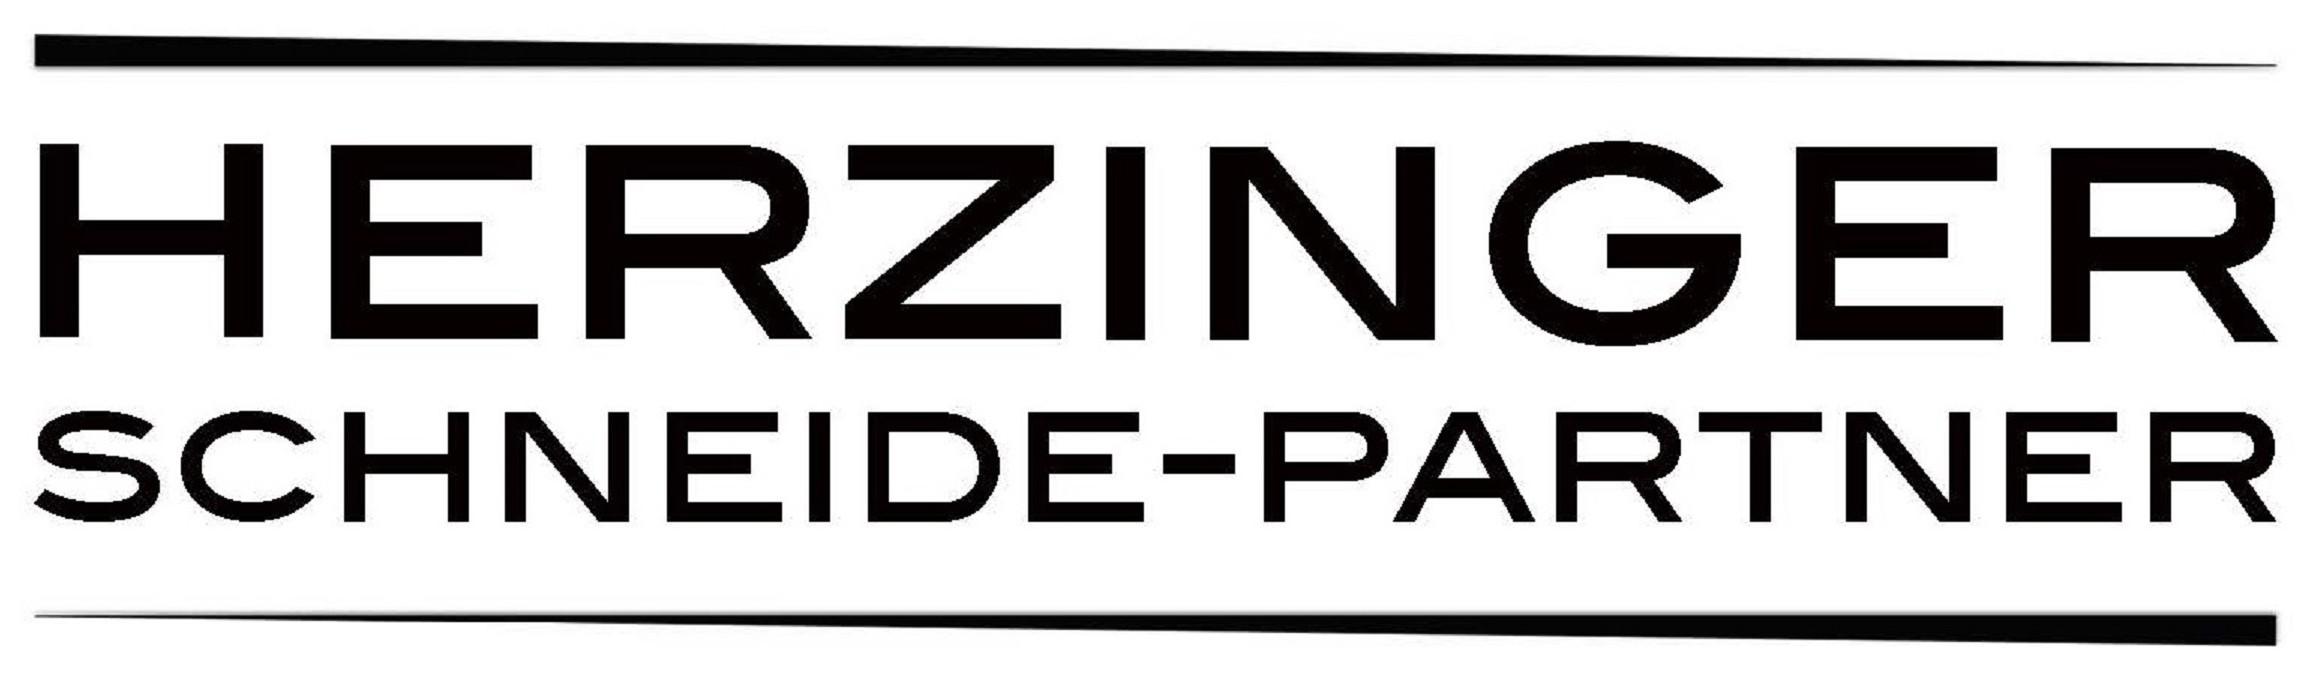 Herzinger Schneide-Partner Schleiferei